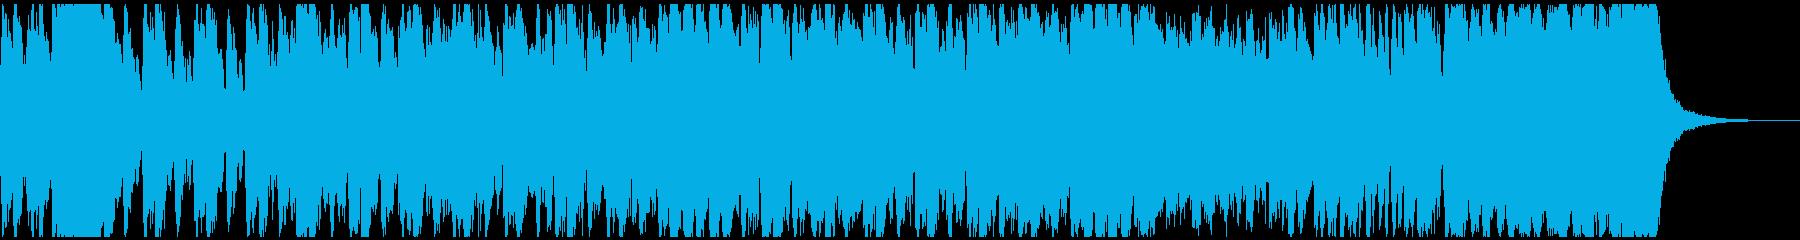 冒険RPG 勇敢なオーケストラ 約60秒の再生済みの波形